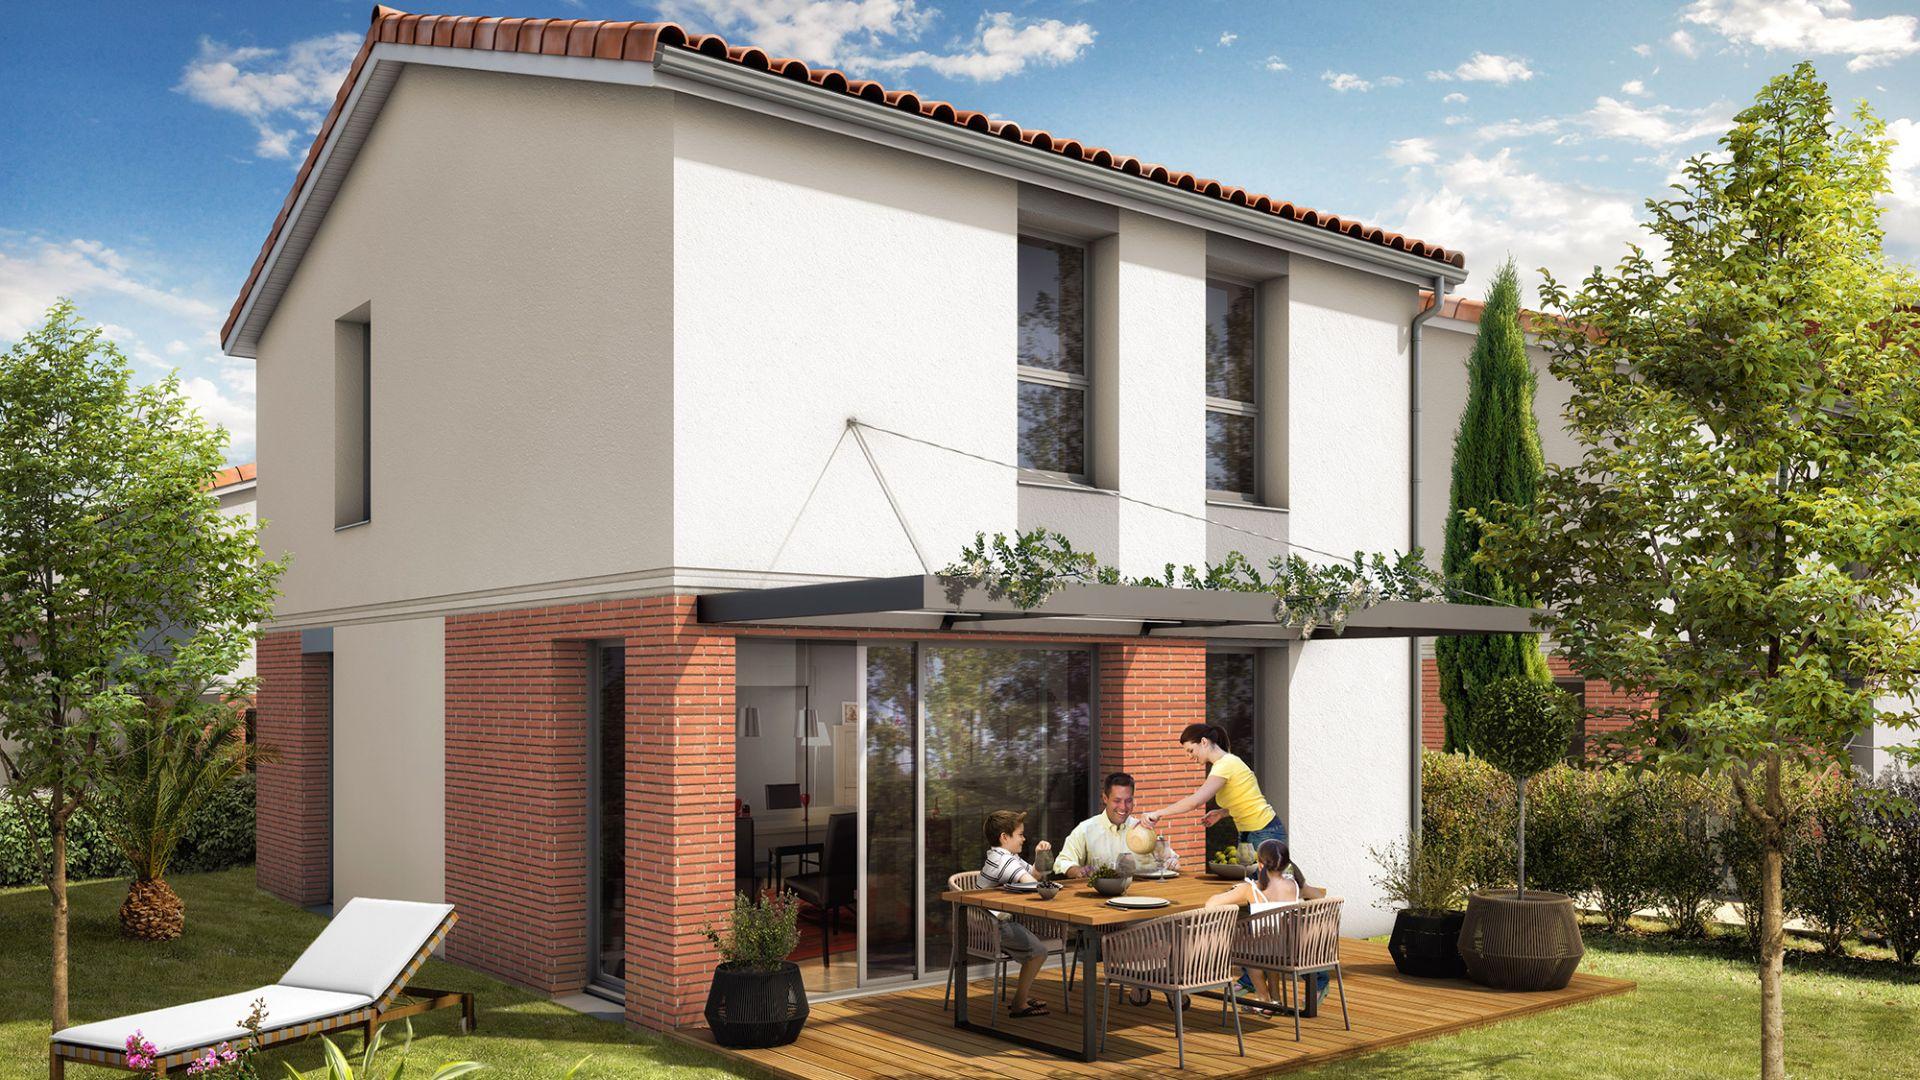 Le hameau de l 39 union green city immobilier - Union des constructeurs immobiliers ...